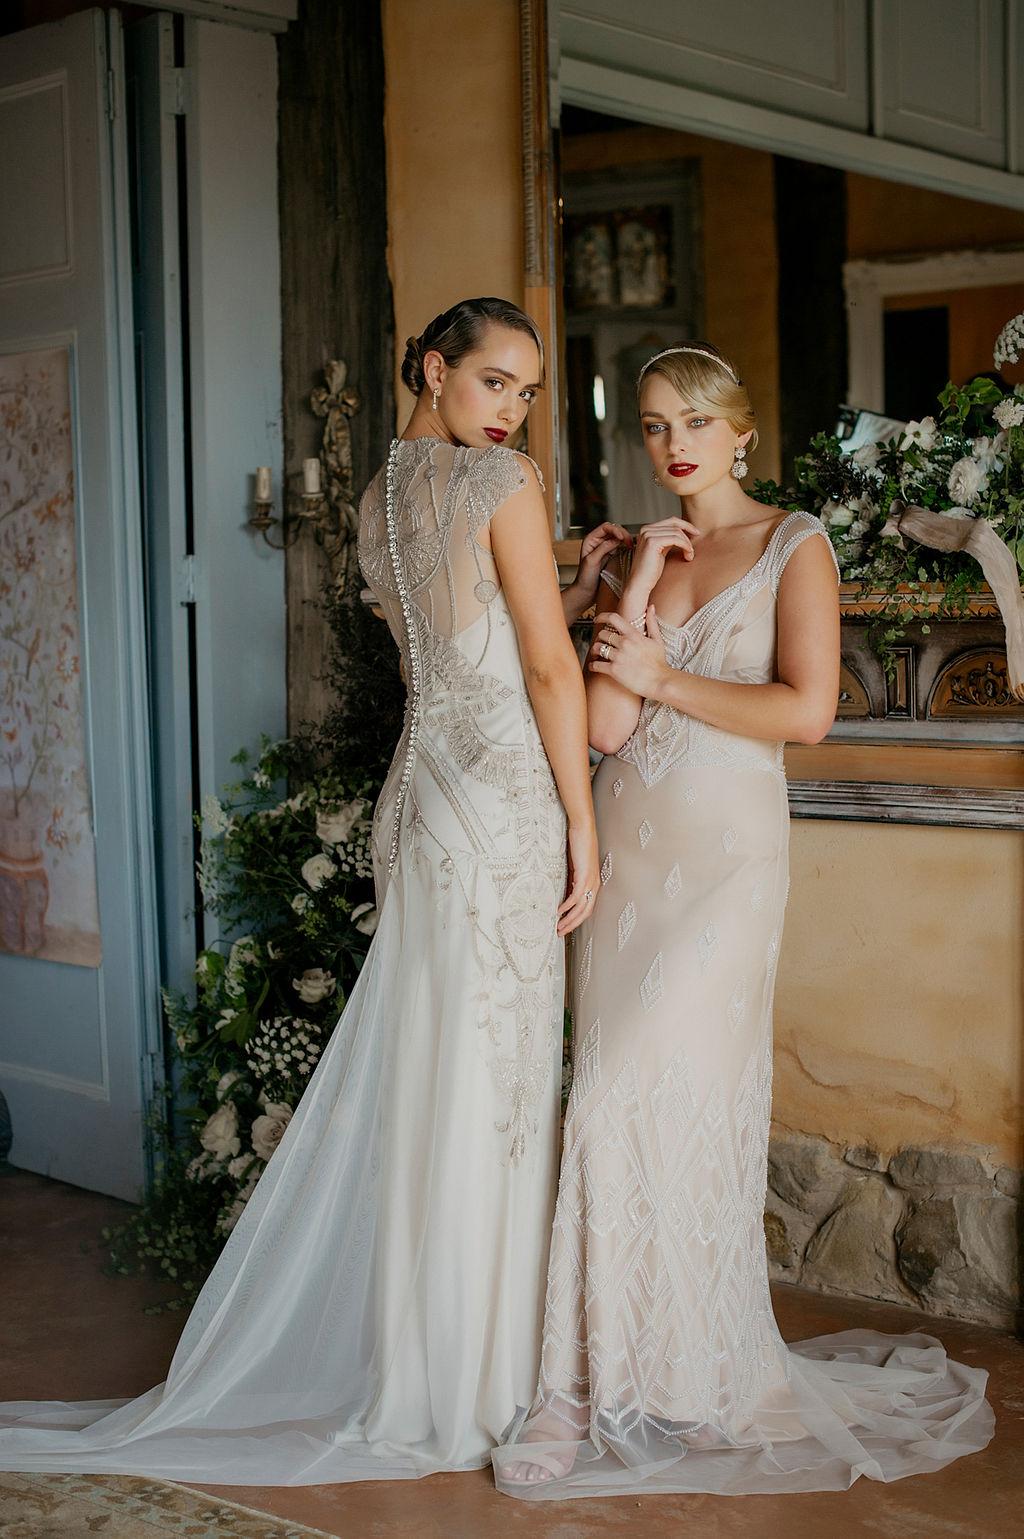 Polly and Tara Gwendolynne Wedding Dress  JessicaAbbyartdecoWEB-8257.jpg